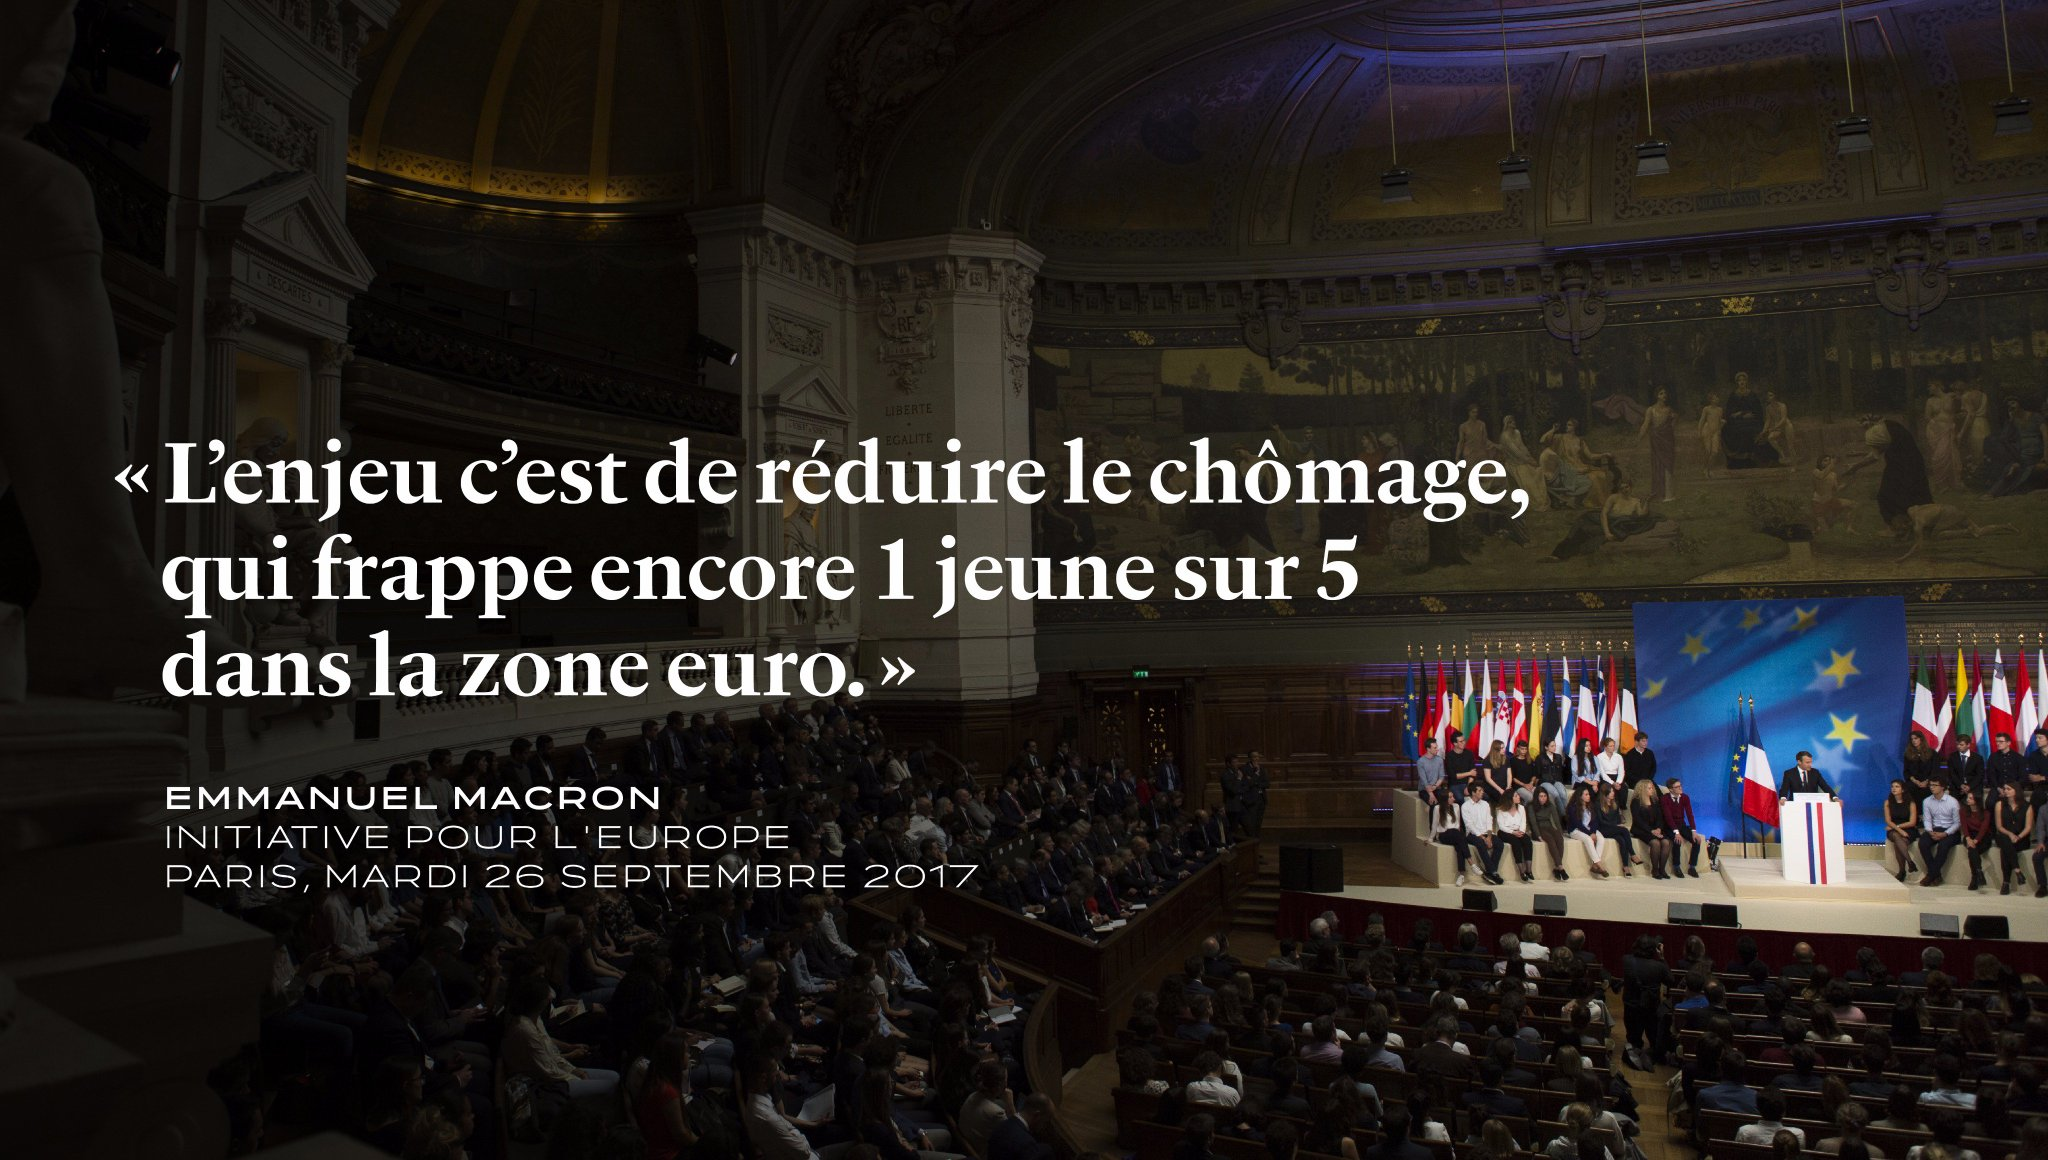 Nous avons besoin d'une stratégie économique d'ensemble. #InitiativeEurope https://t.co/L0mIkqoRLA